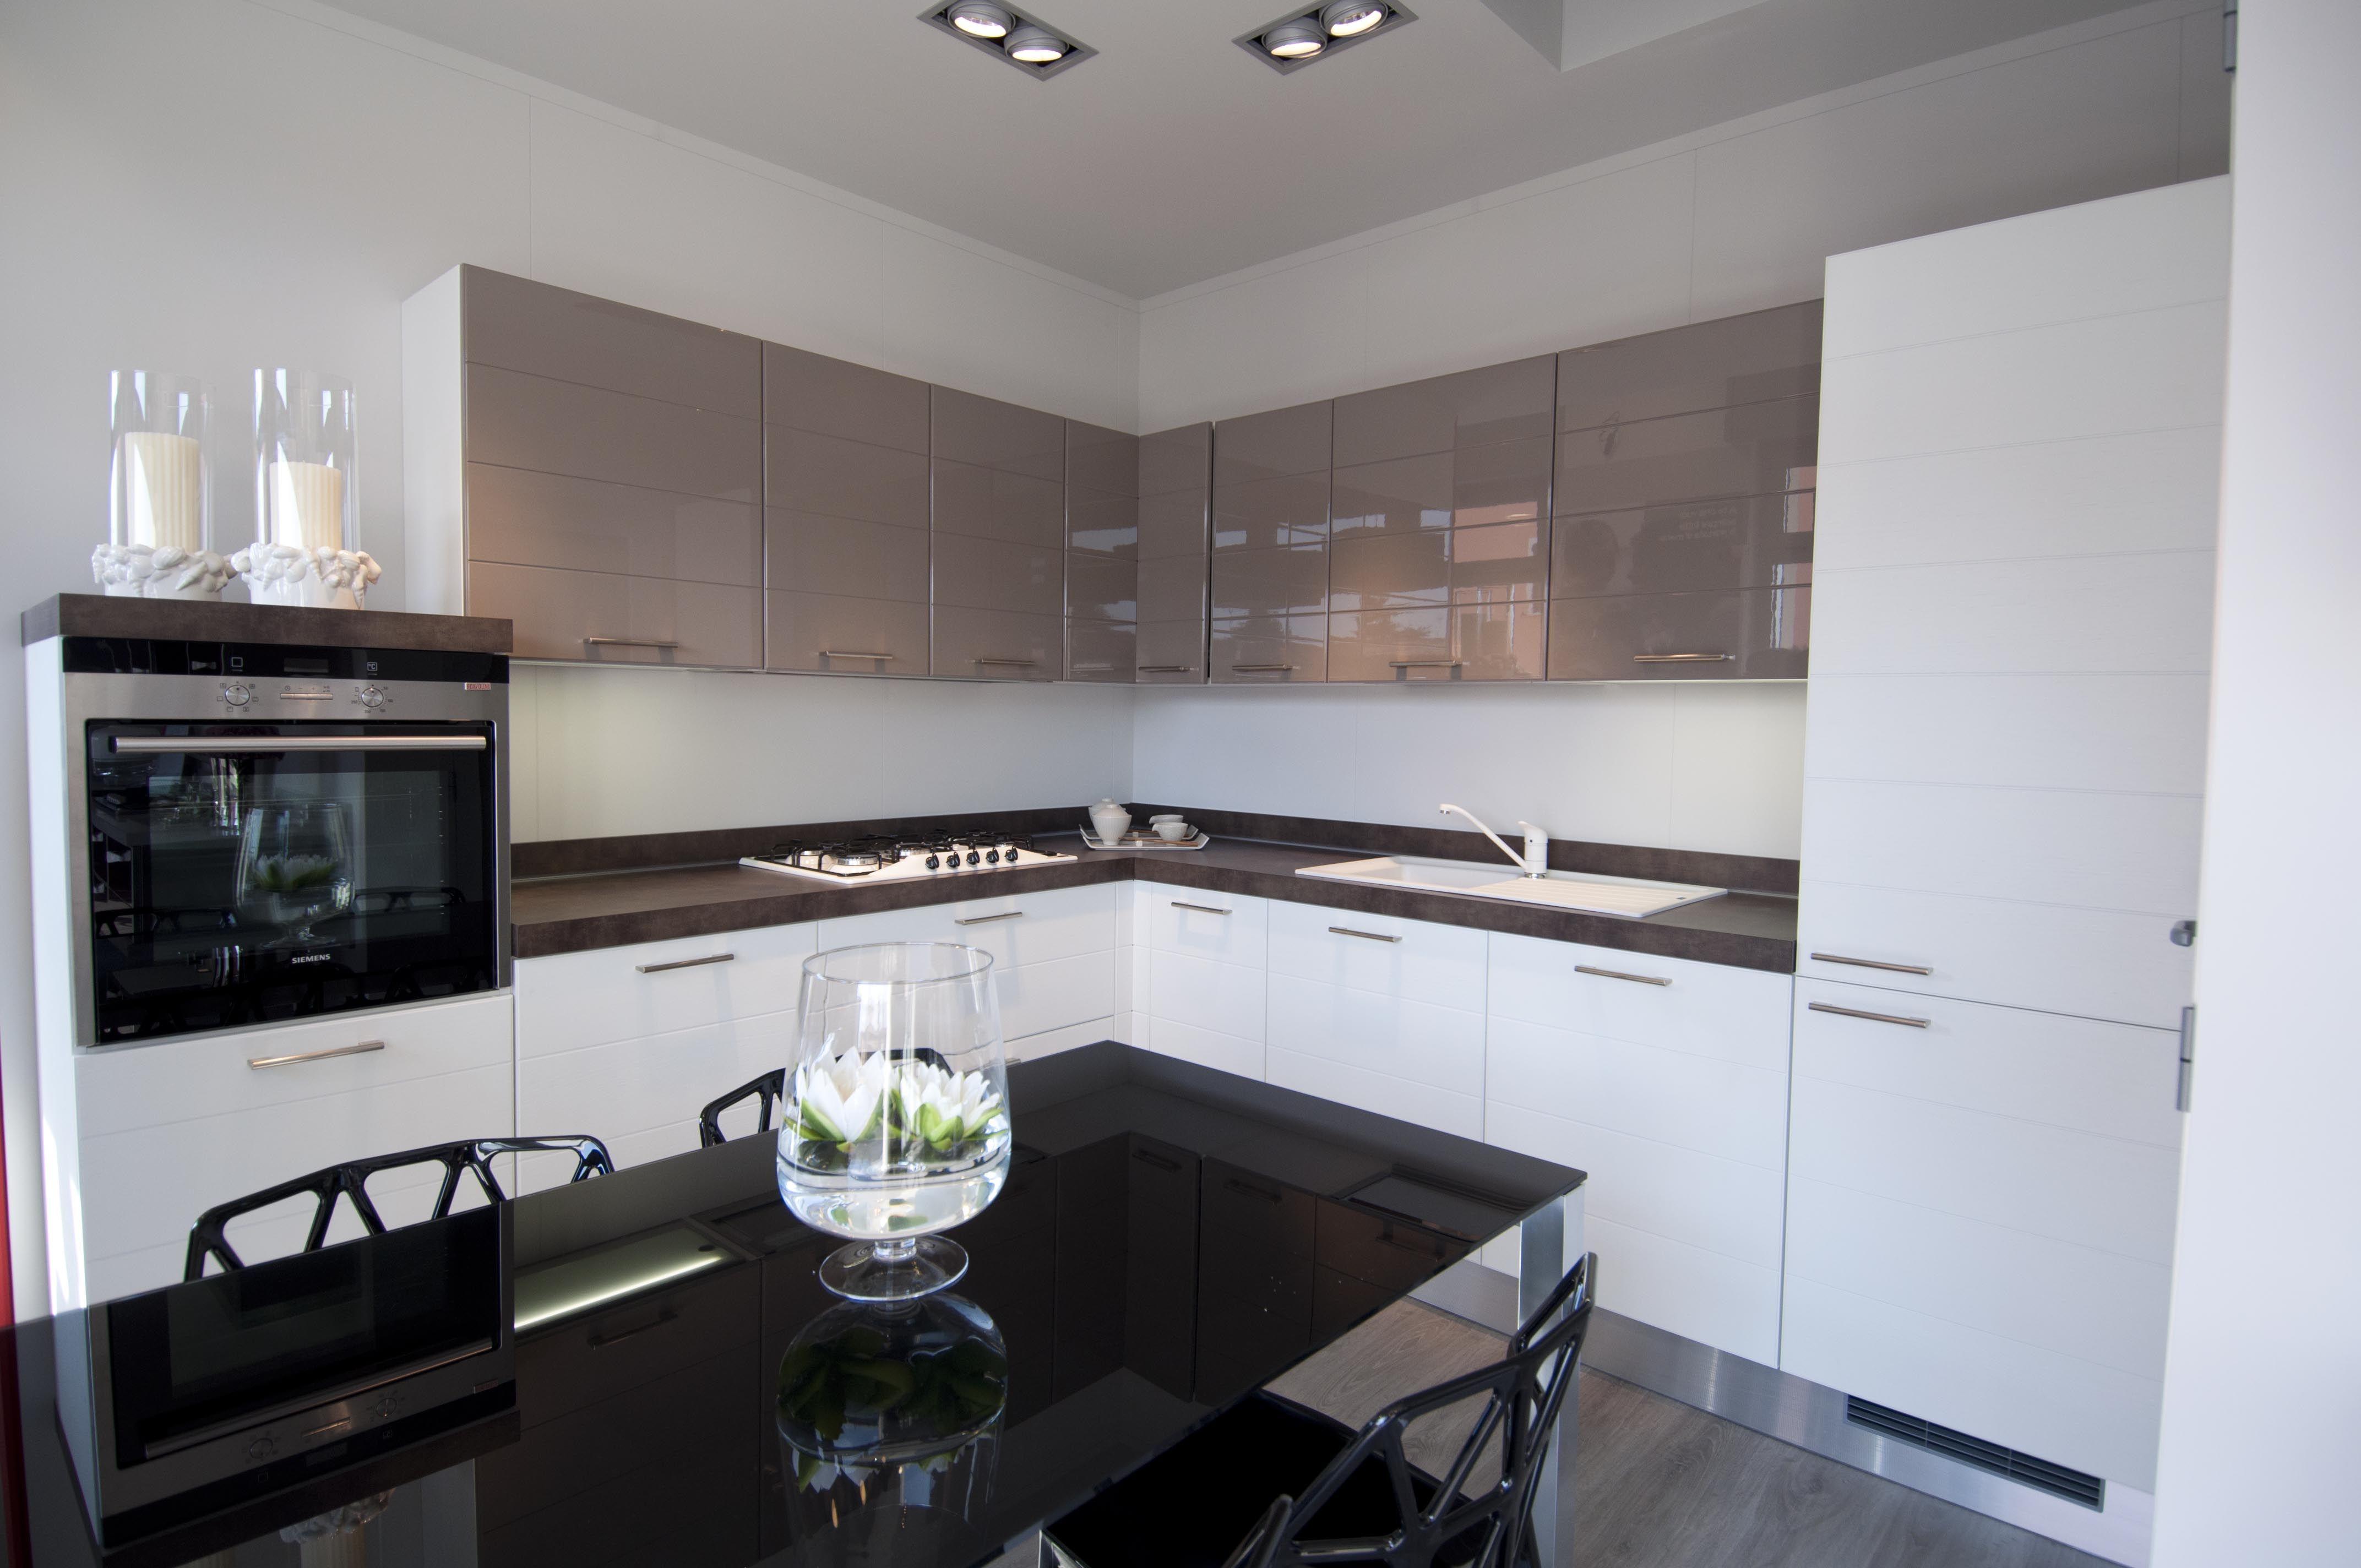 Cucine scavolini in esposizione composizione ad angolo for Cucine moderne scure